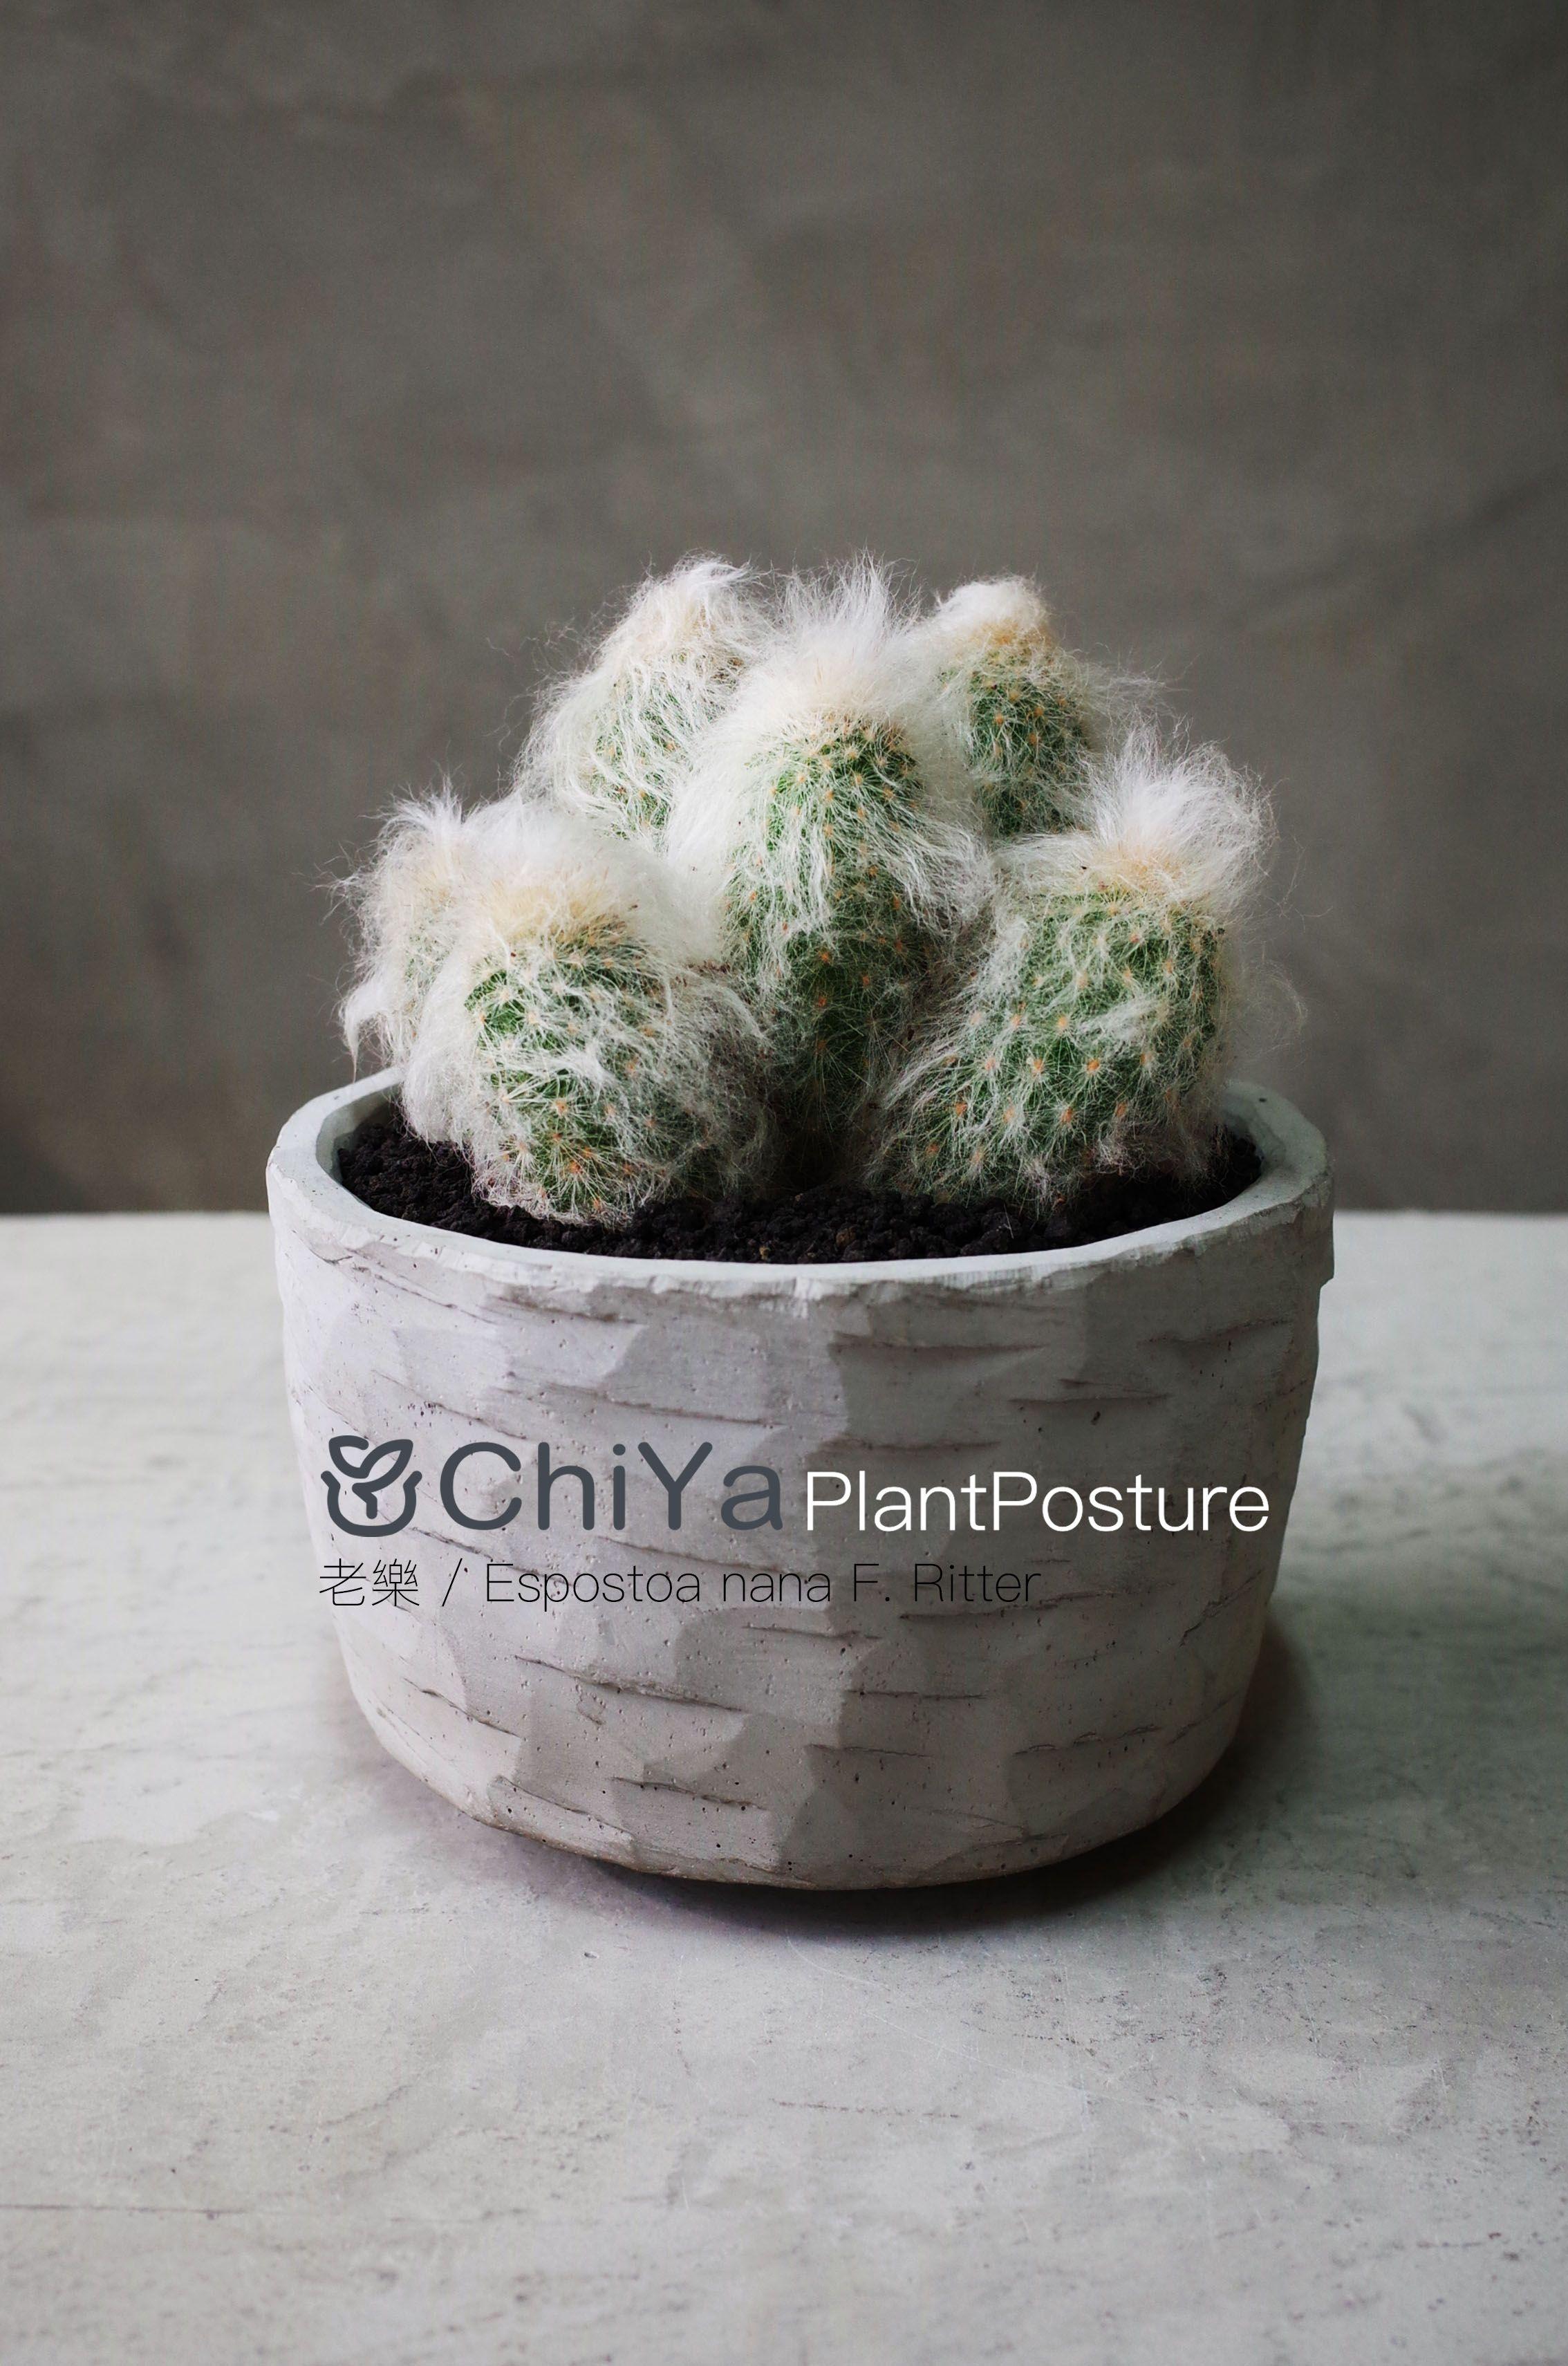 #老樂 #Espostoa nana F. Ritter #Caudex #Cement basin #Plant #Cactus #Succulents ...